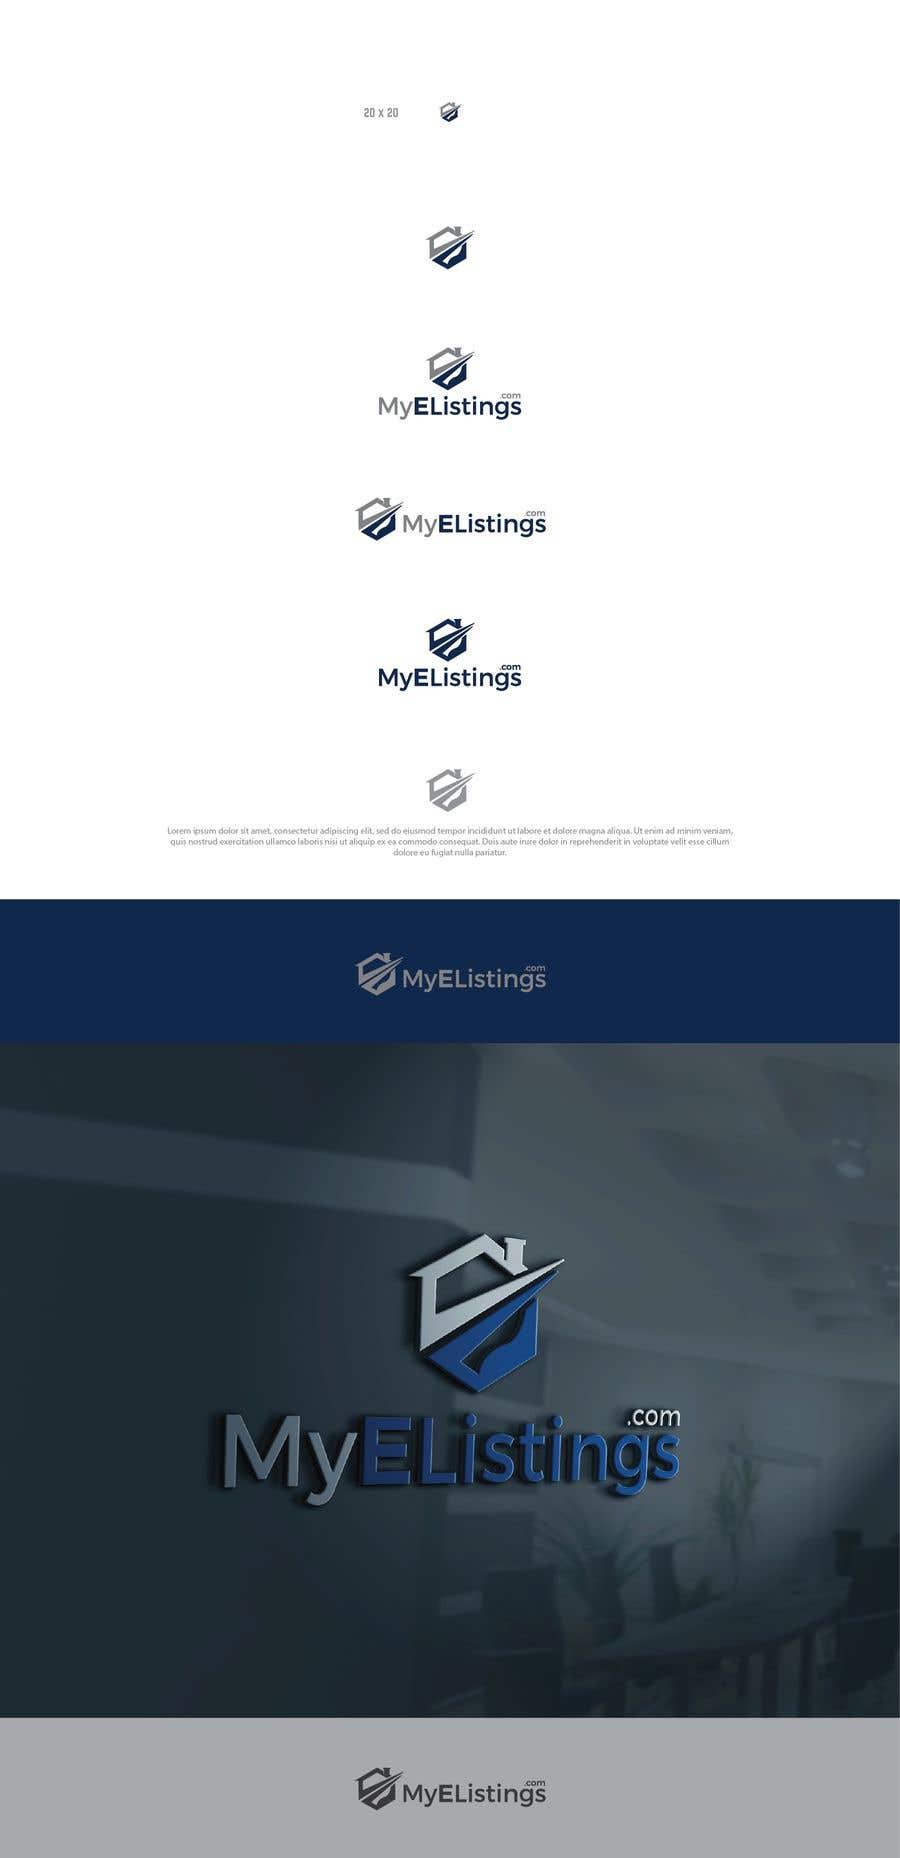 Kilpailutyö #209 kilpailussa Design a Logo for a Commercial Real-Estate MLS!